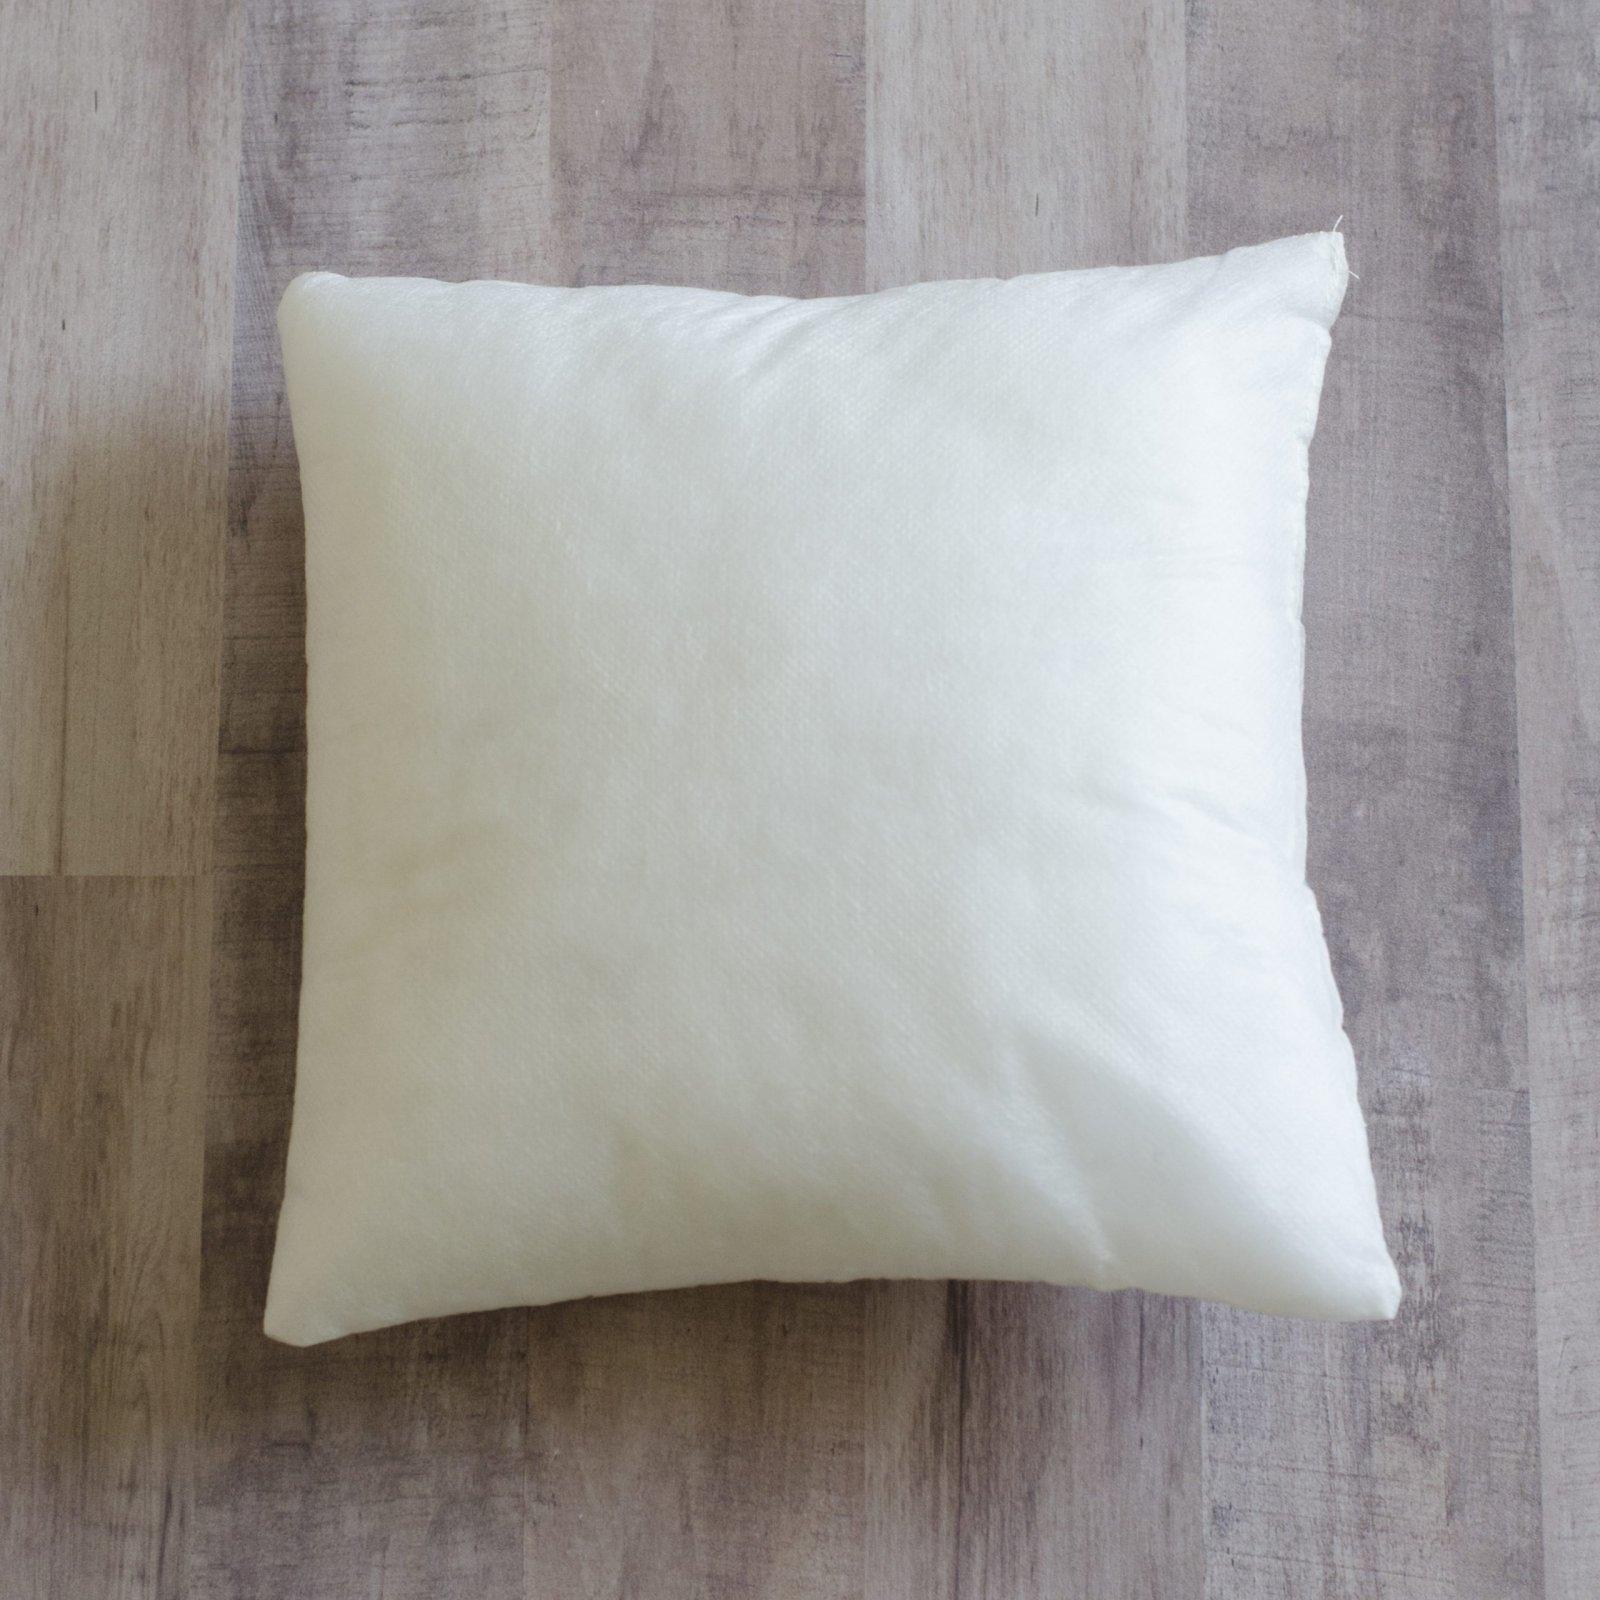 Kimberbell Blanks - Pillow Insert 8 x 8